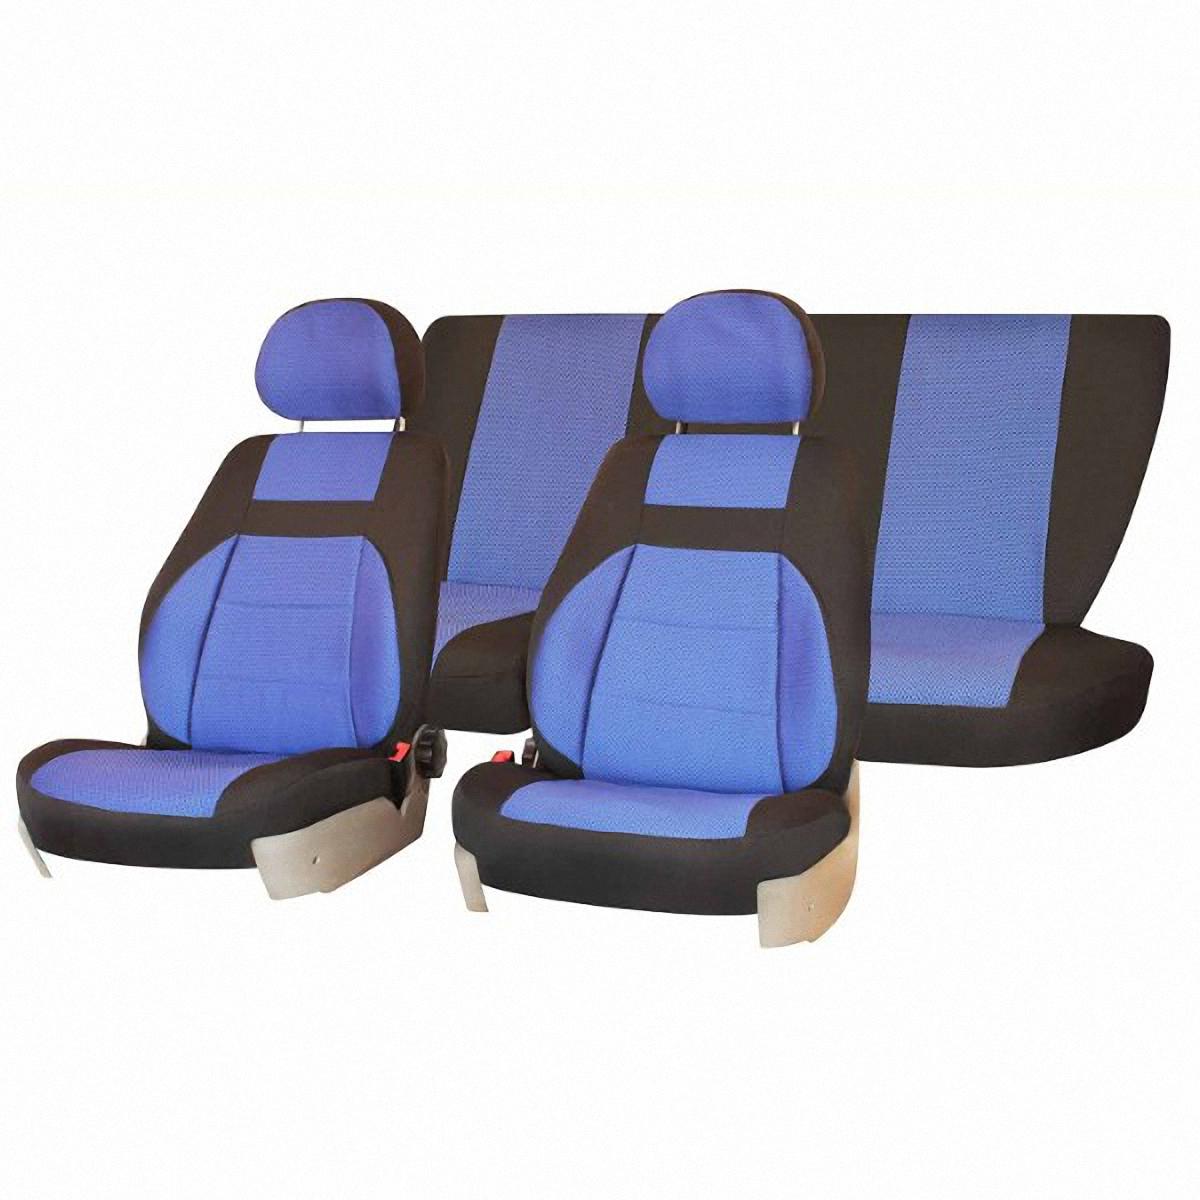 Чехлы автомобильные Skyway, для Lada Kalina 2004-2013, цвет: синий, черныйV003-D4Автомобильные чехлы Skyway изготовлены из качественного жаккарда. Чехлы идеально повторяют штатную форму сидений и выглядят как оригинальная обивка сидений. Разработаны индивидуально для каждой модели автомобиля. Авточехлы Skyway просты в уходе - загрязнения легко удаляются влажной тканью. Чехлы имеют раздельную схему надевания. В комплекте 12 предметов.